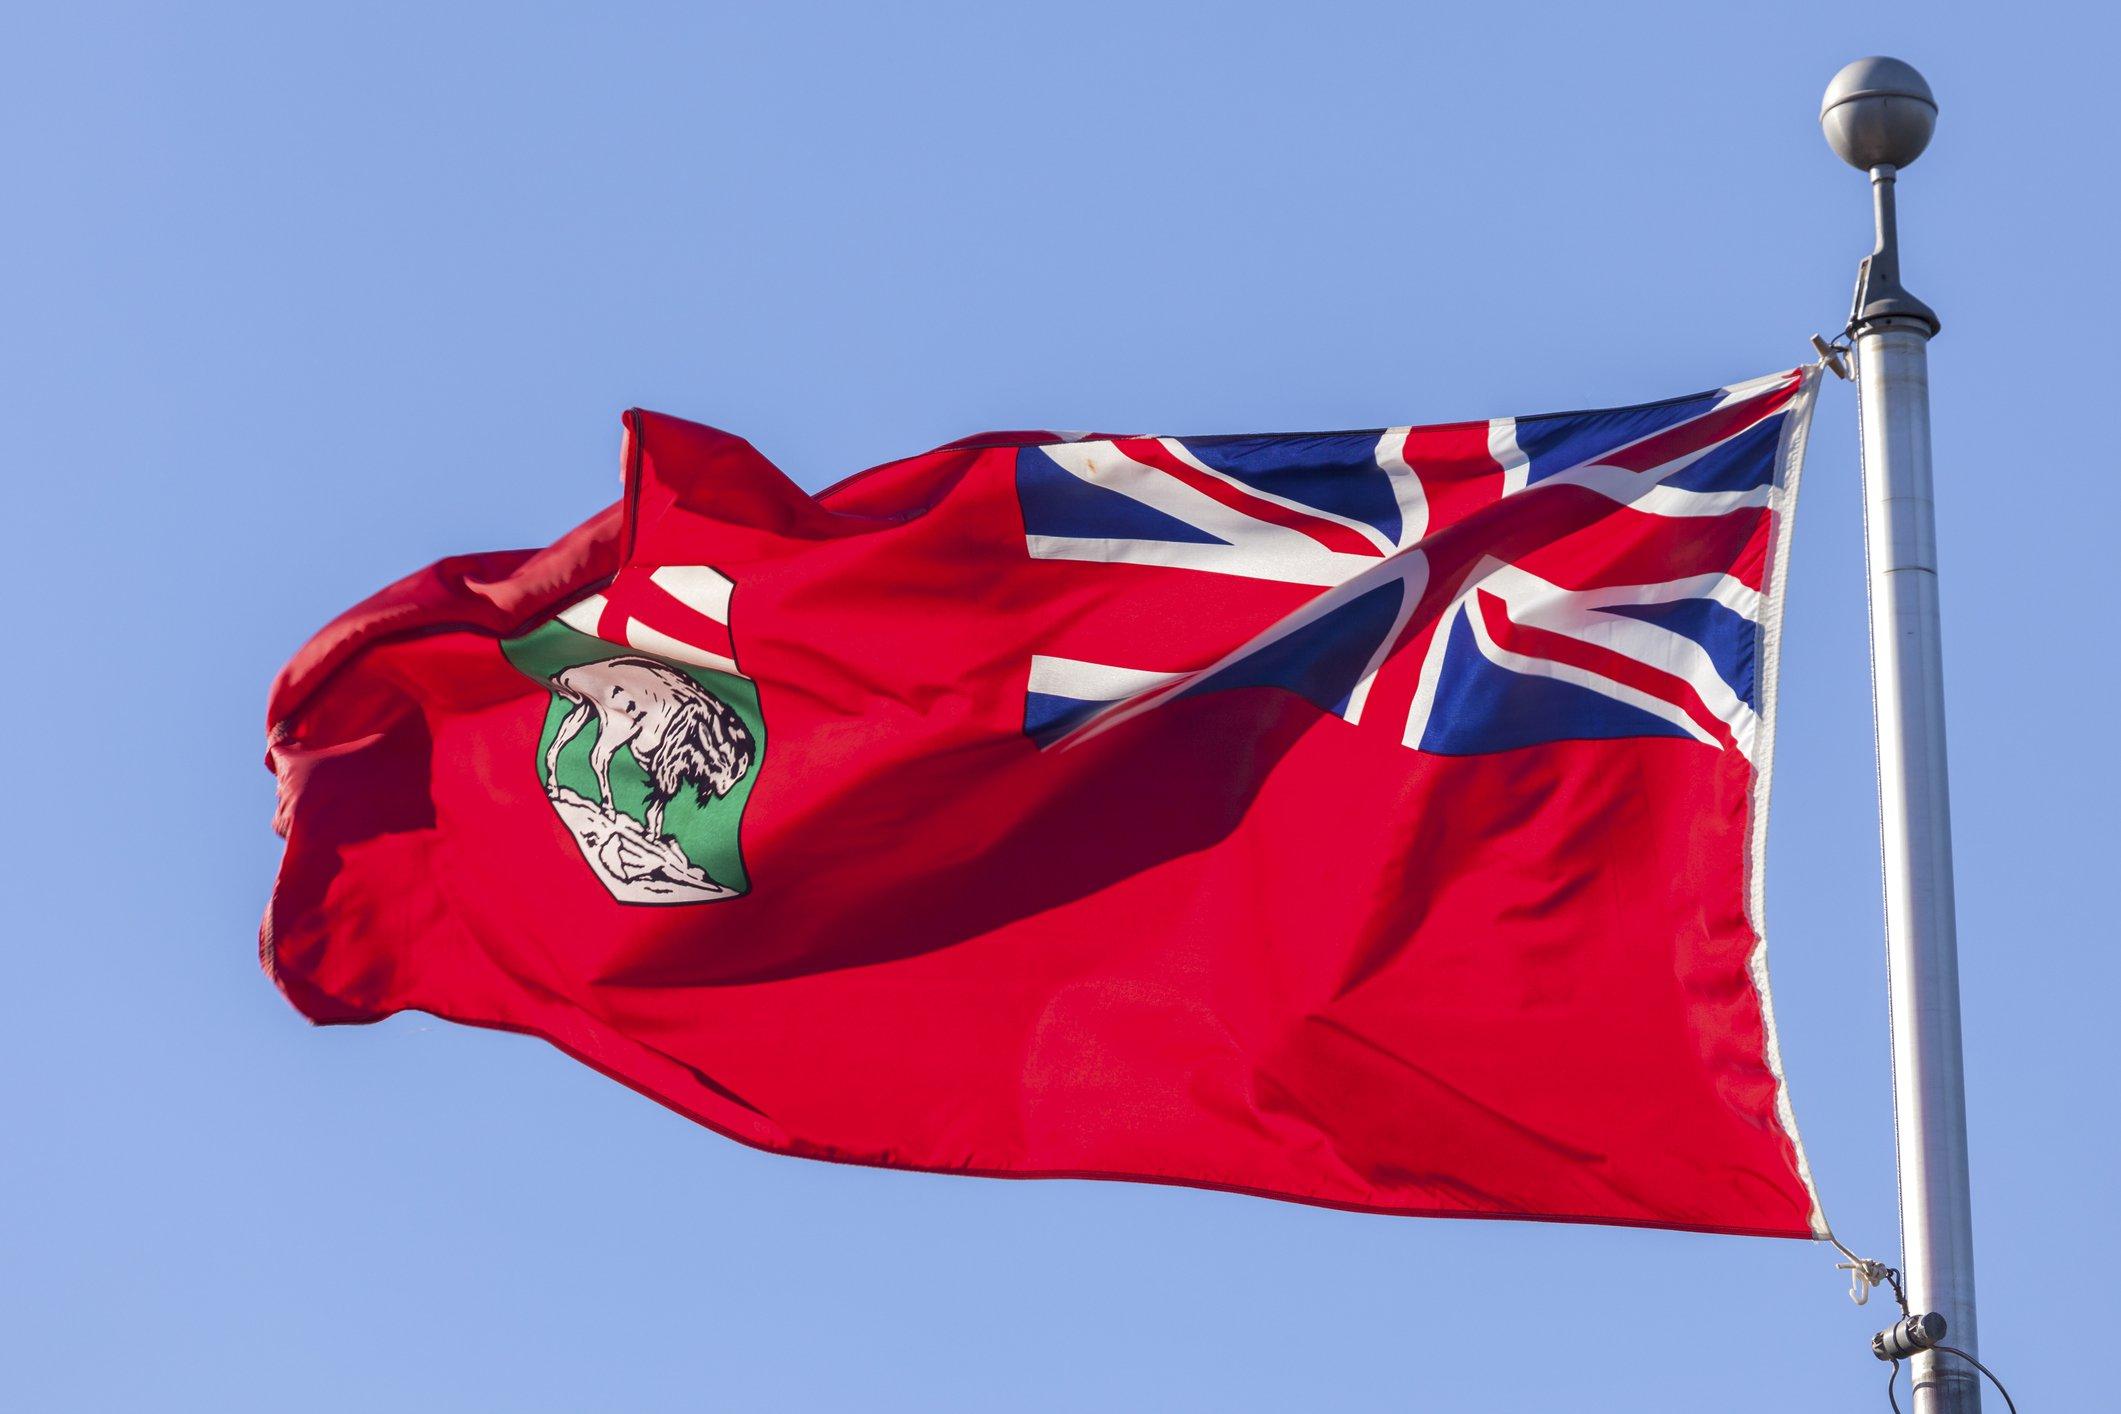 Manitoba Phát Hành Thư Mời Cho Các Ứng Viên Dòng Nhân Viên Trình Độ Cao & Sinh Viên Quốc Tế